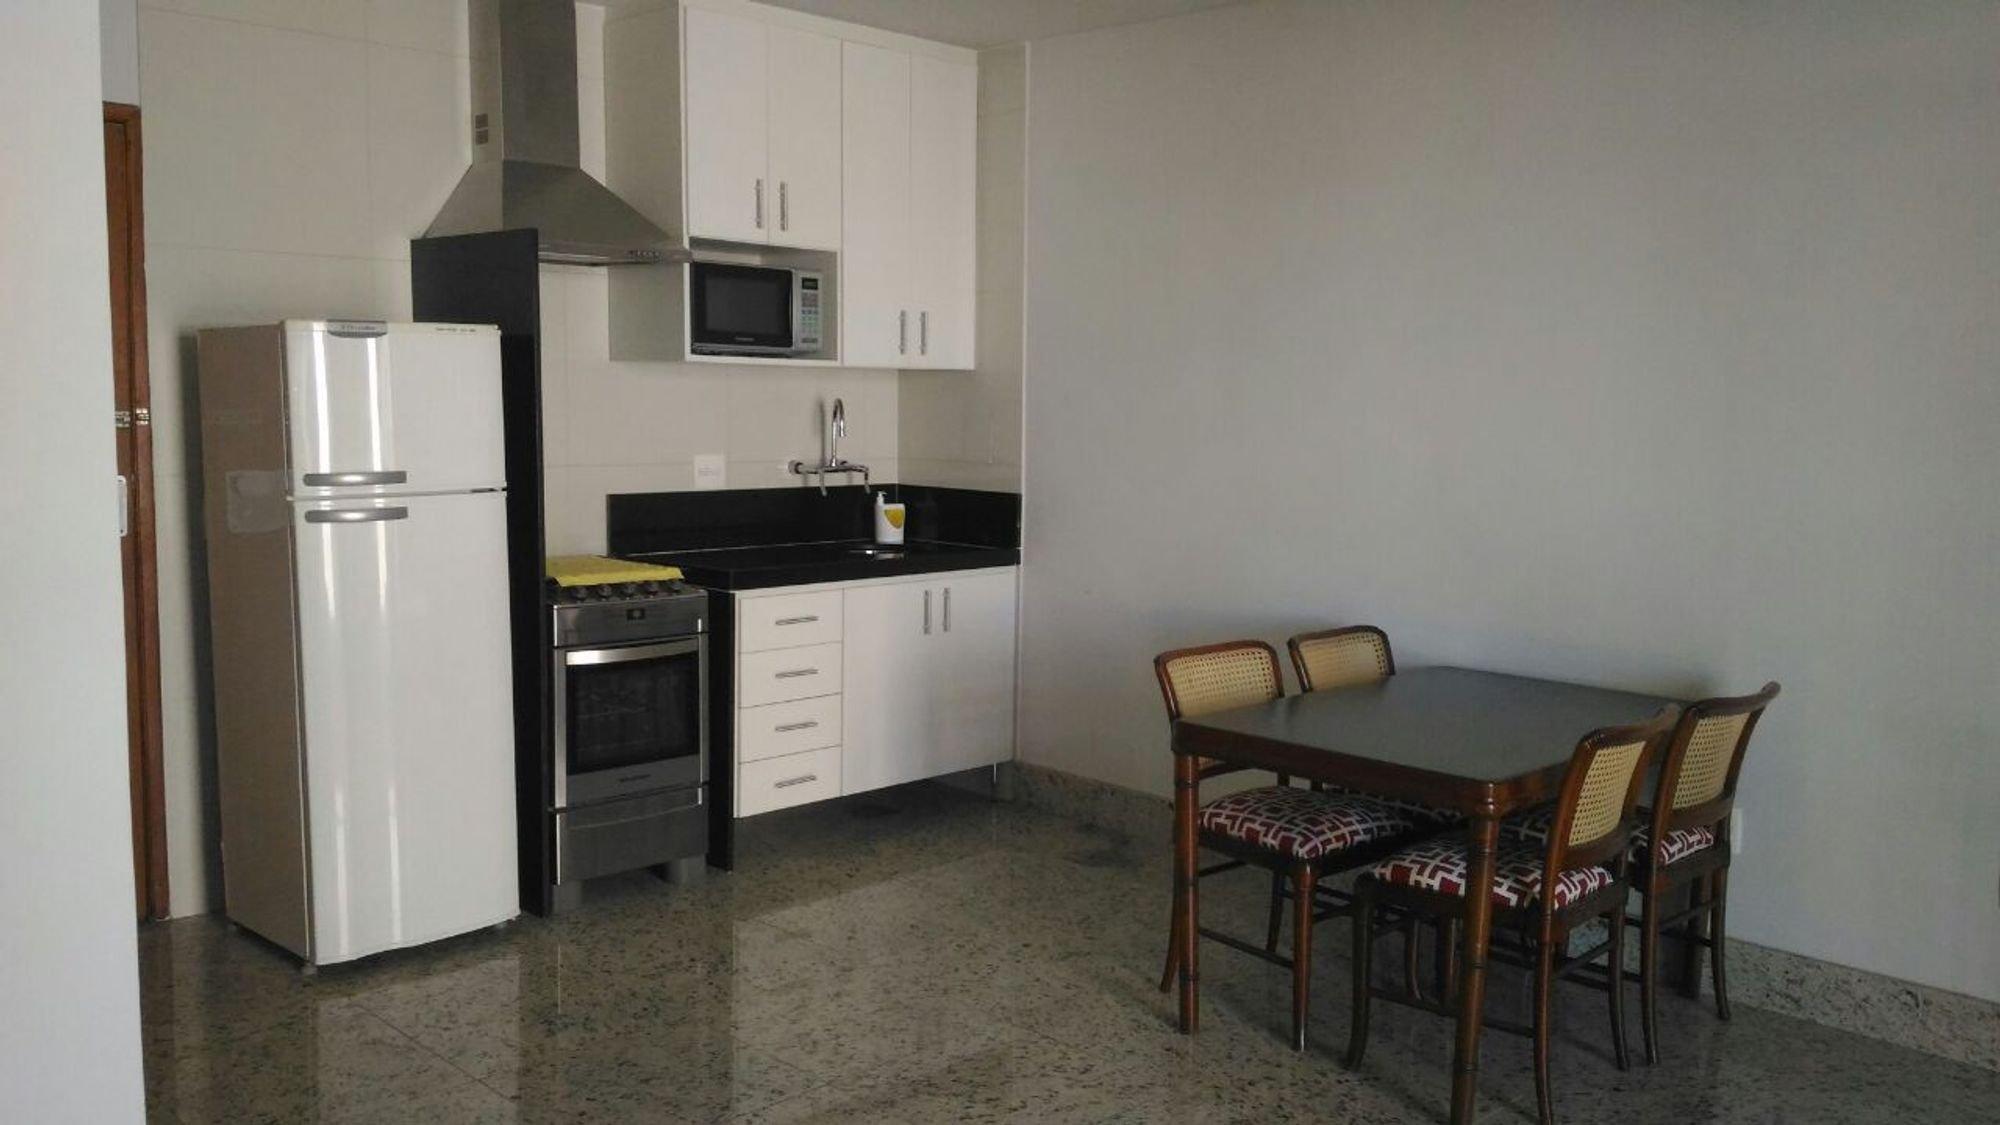 Foto de Cozinha com forno, geladeira, cadeira, pia, microondas